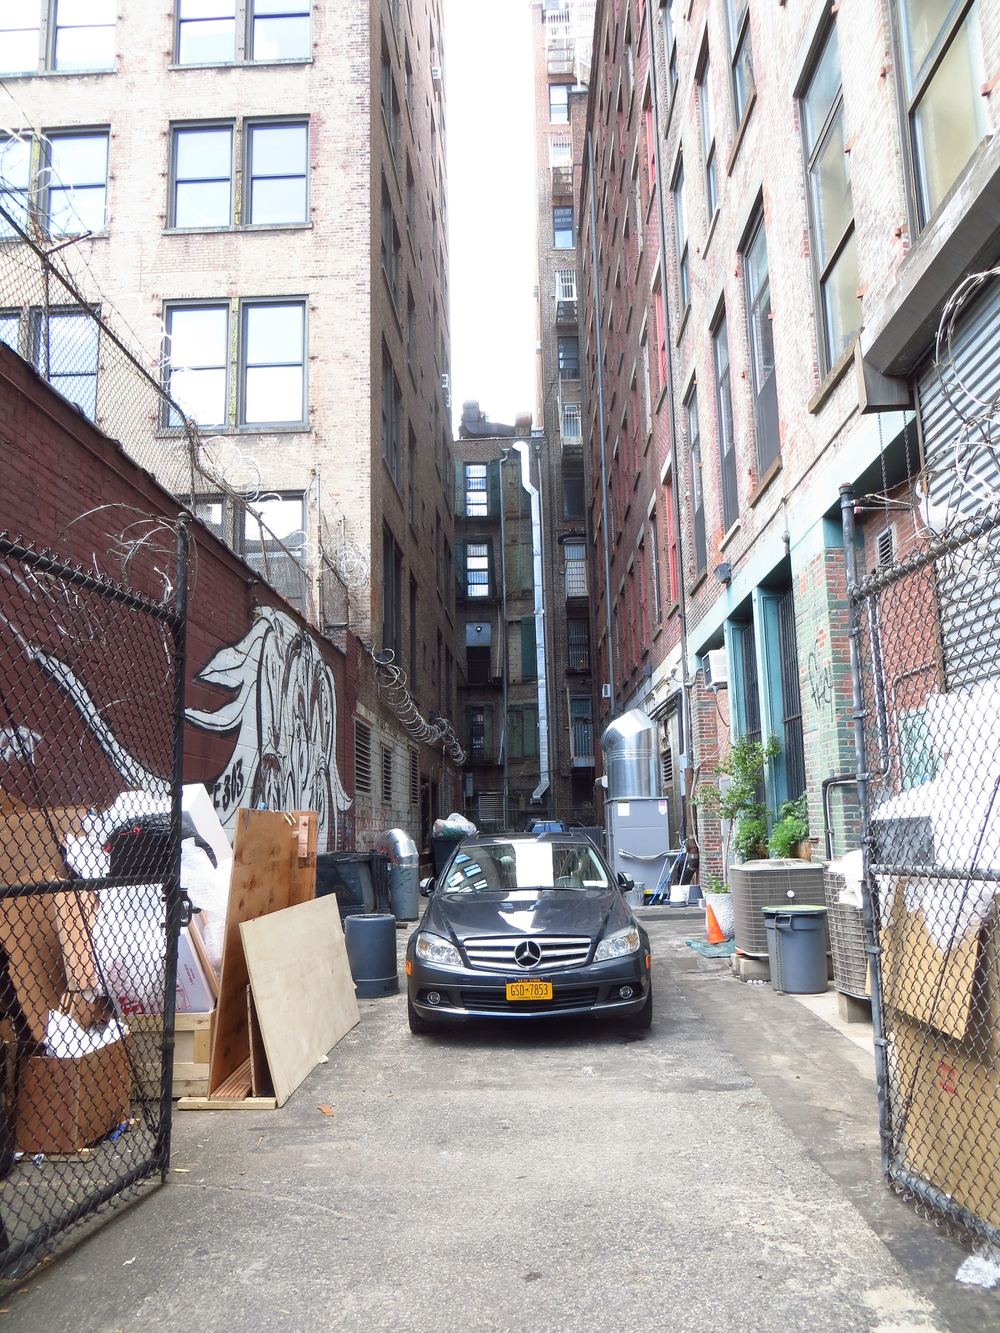 Jones Alley